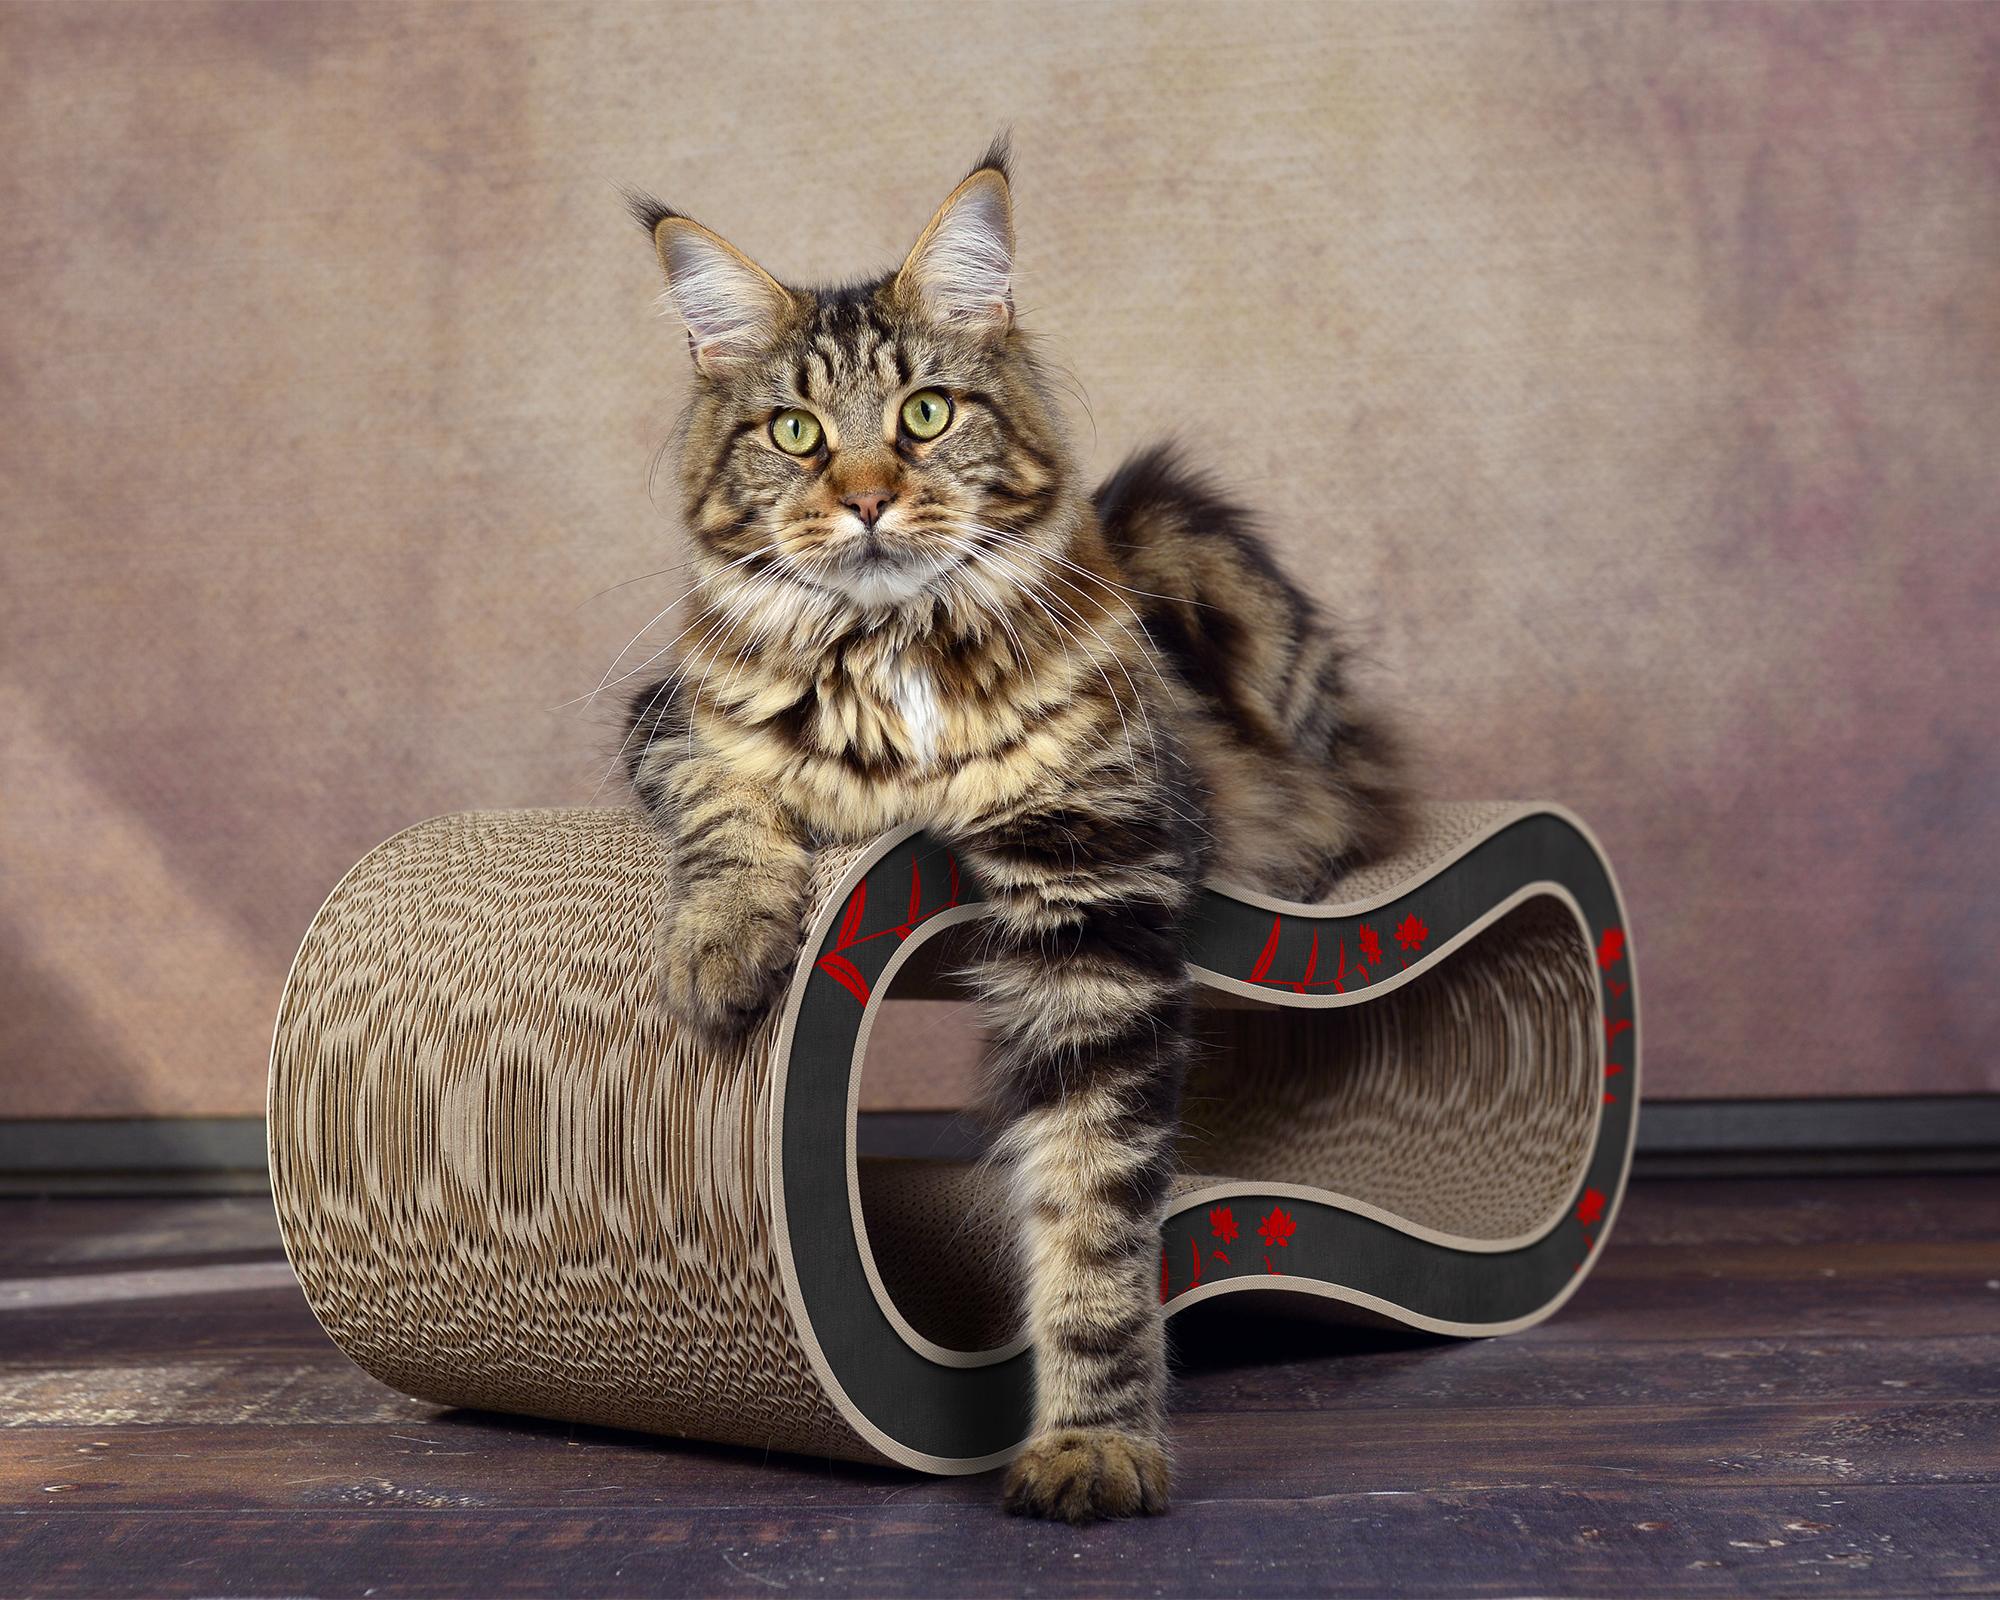 Design Katzenmöbel Made in Germany - Singha M - Farbe 008 - schwarz - rot - beige